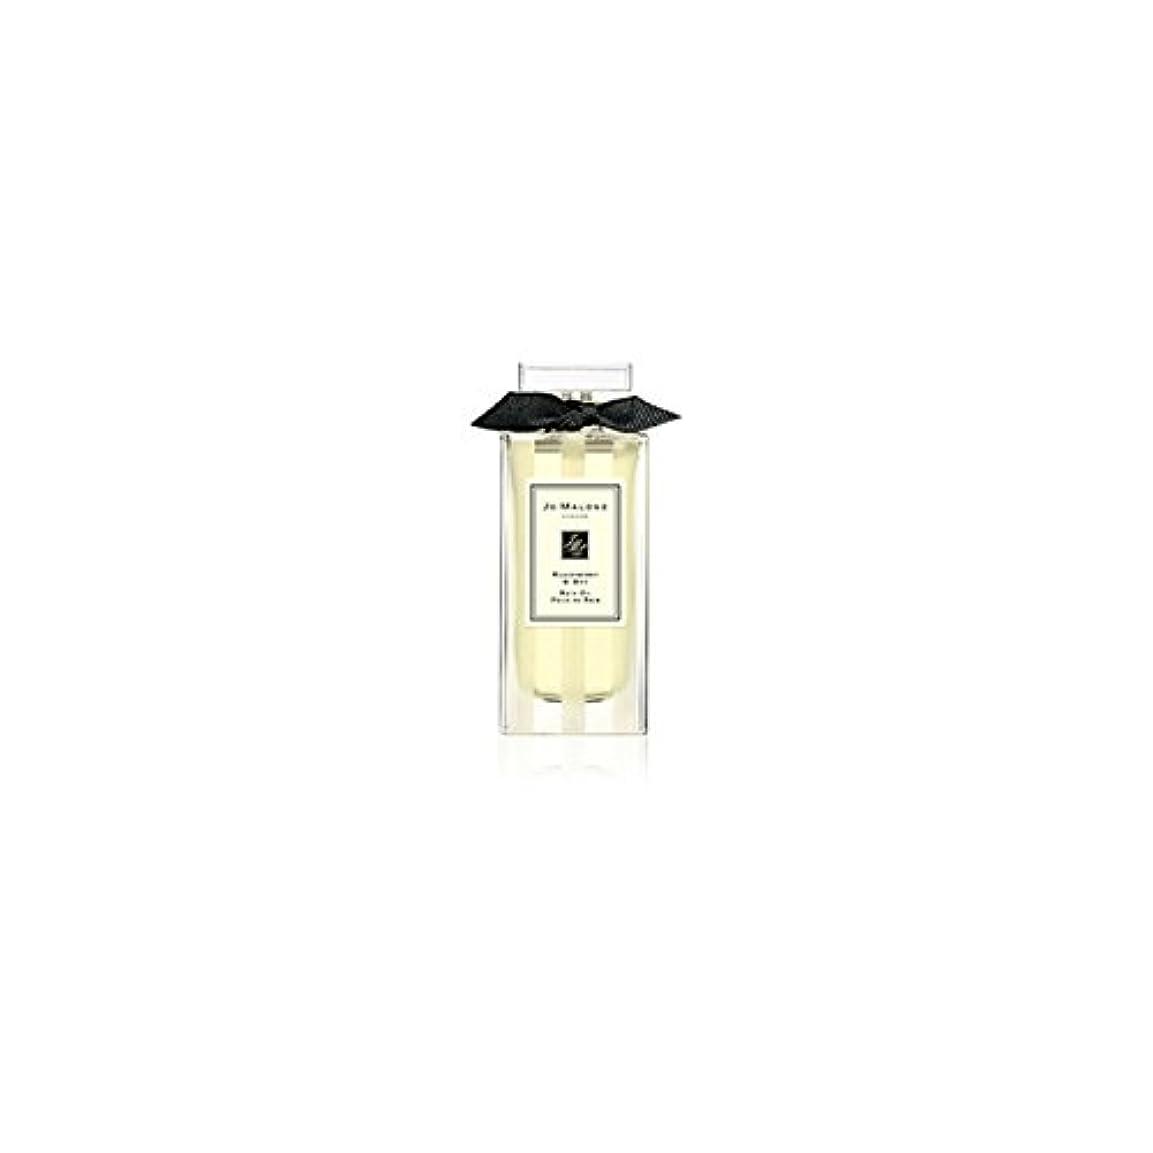 入手しますスモッグモッキンバードジョーマローンブラックベリー&ベイバスオイル - 30ミリリットル - Jo Malone Blackberry & Bay Bath Oil - 30ml (Jo Malone) [並行輸入品]